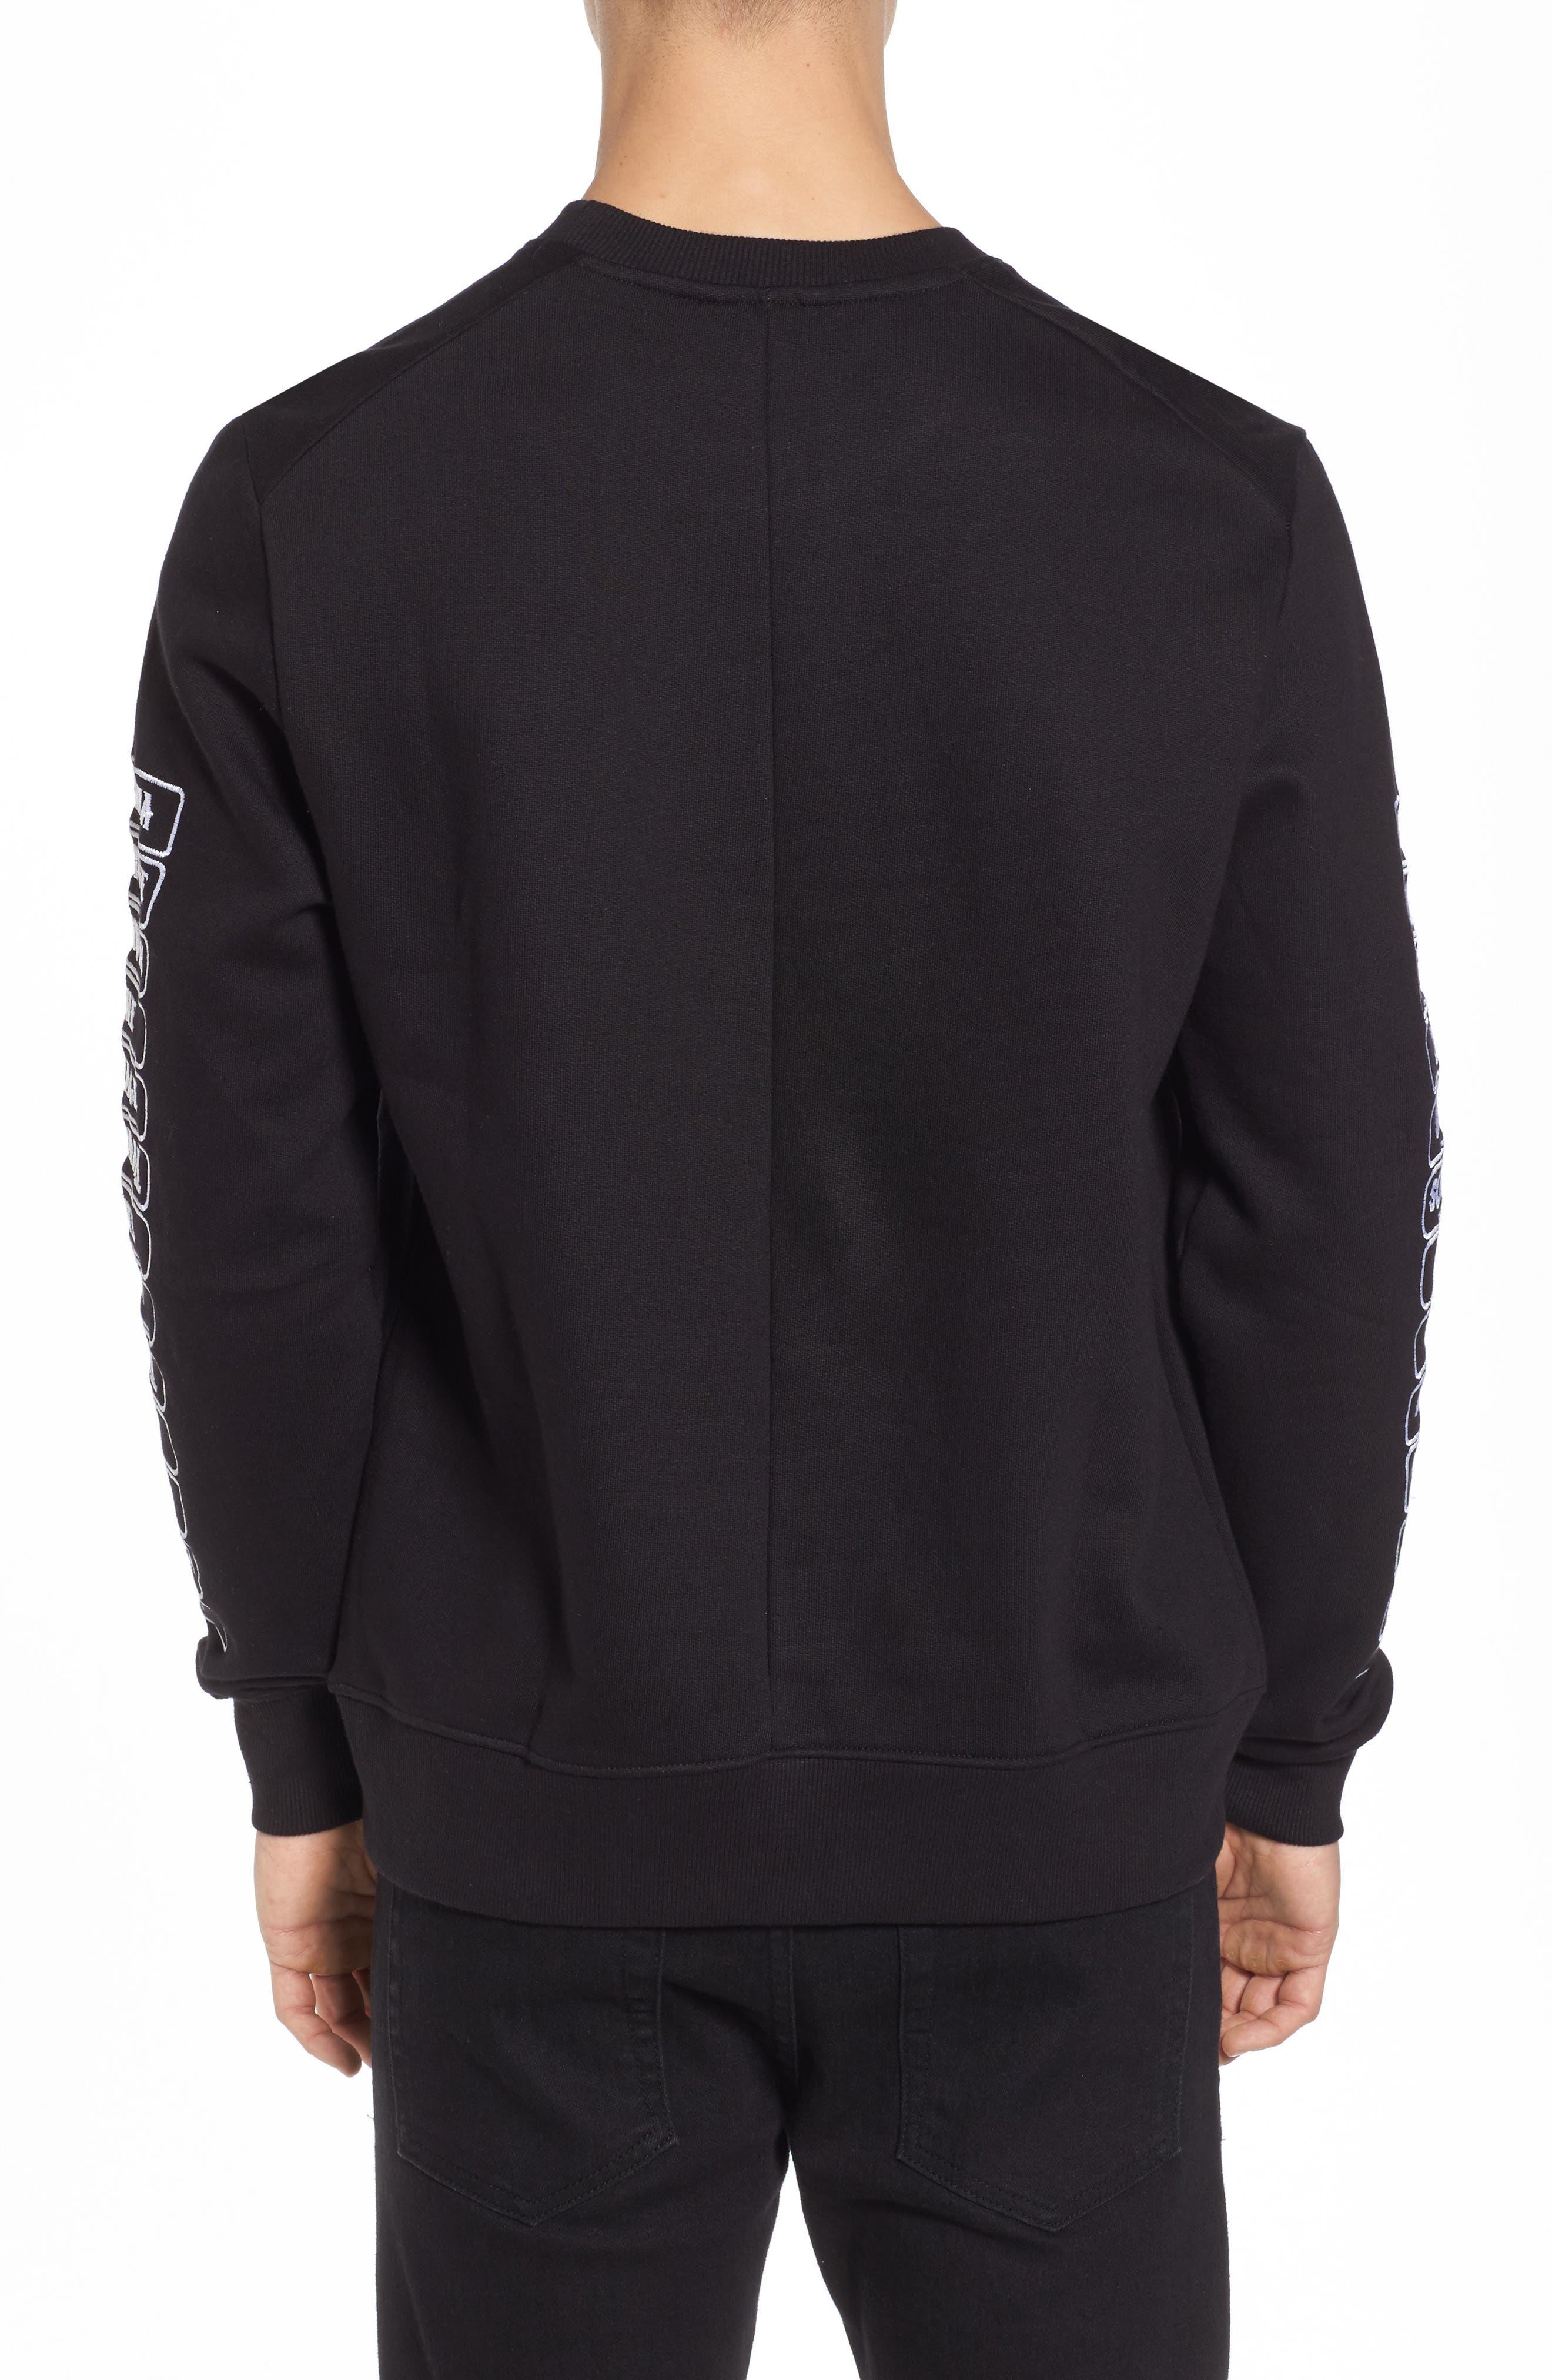 Meace Fleece Sweatshirt,                             Alternate thumbnail 2, color,                             Black